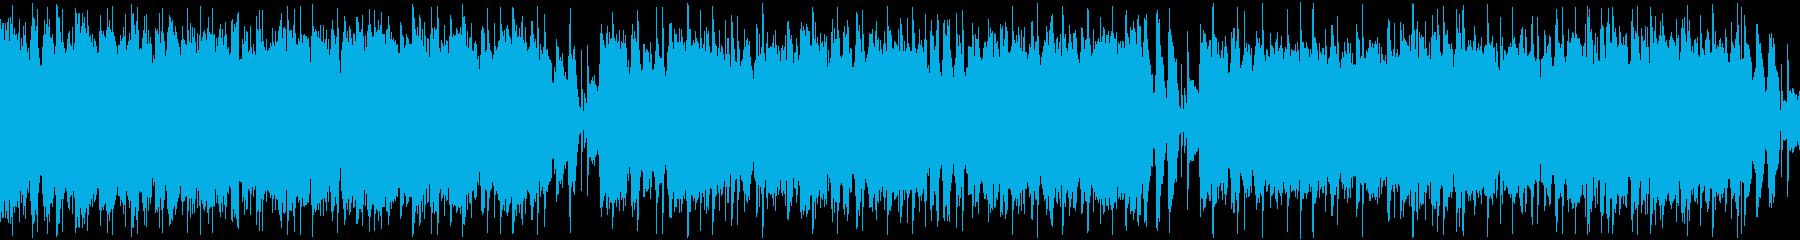 【ループBGM】ブルースロックで踊ろう!の再生済みの波形